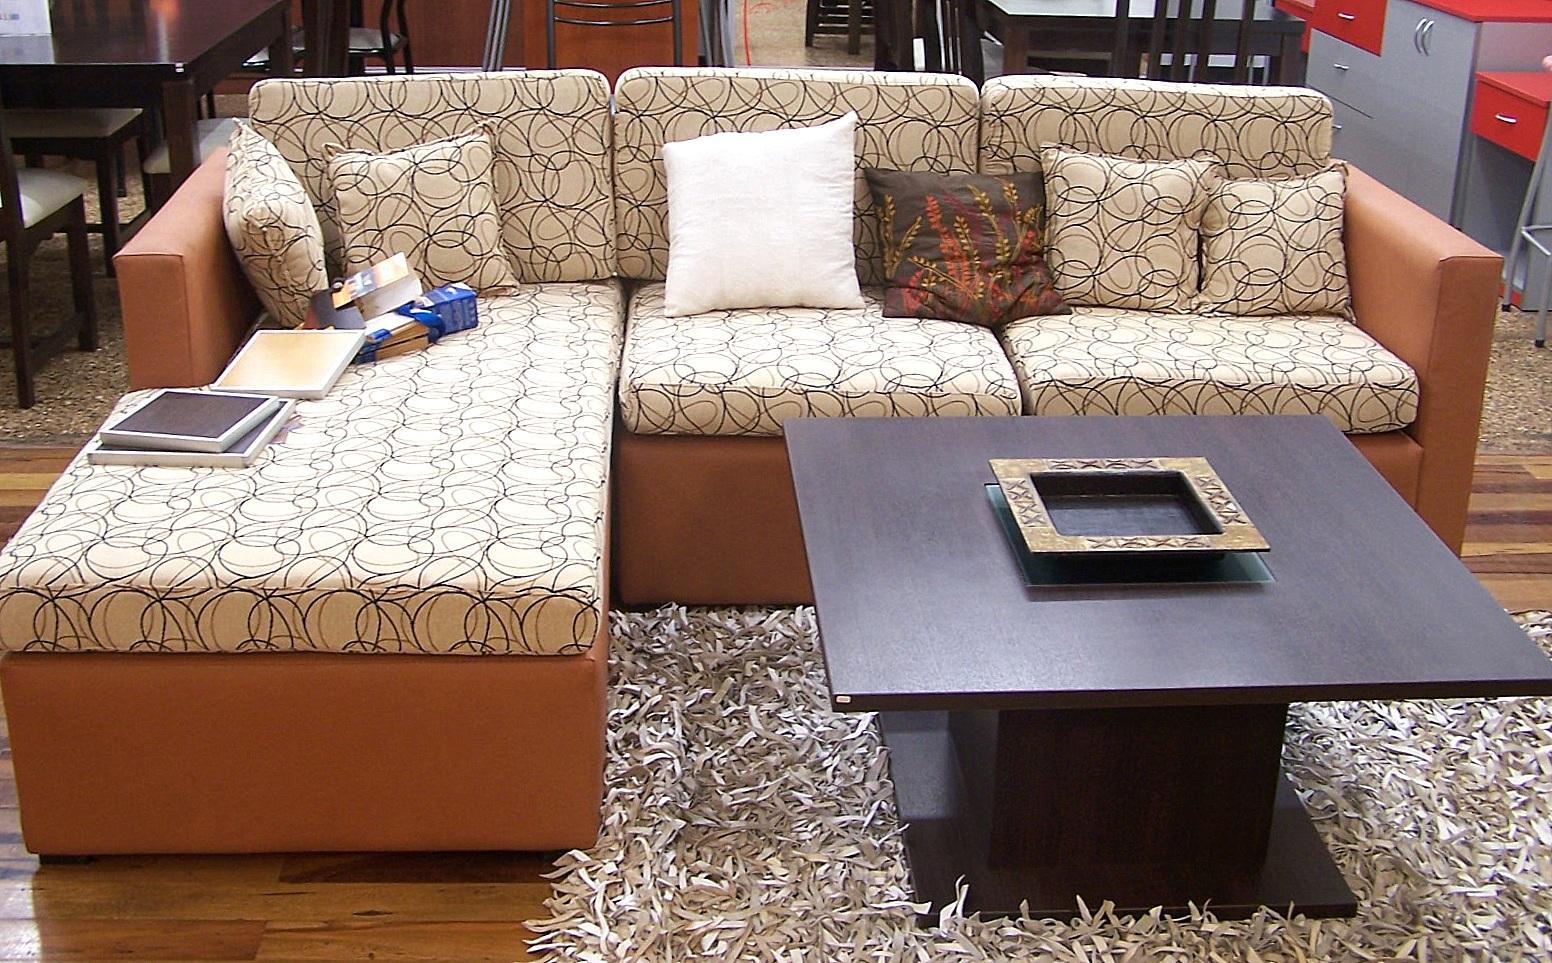 Hogar y vivienda centro amoblamientos juego de living for Juego de sillones para living